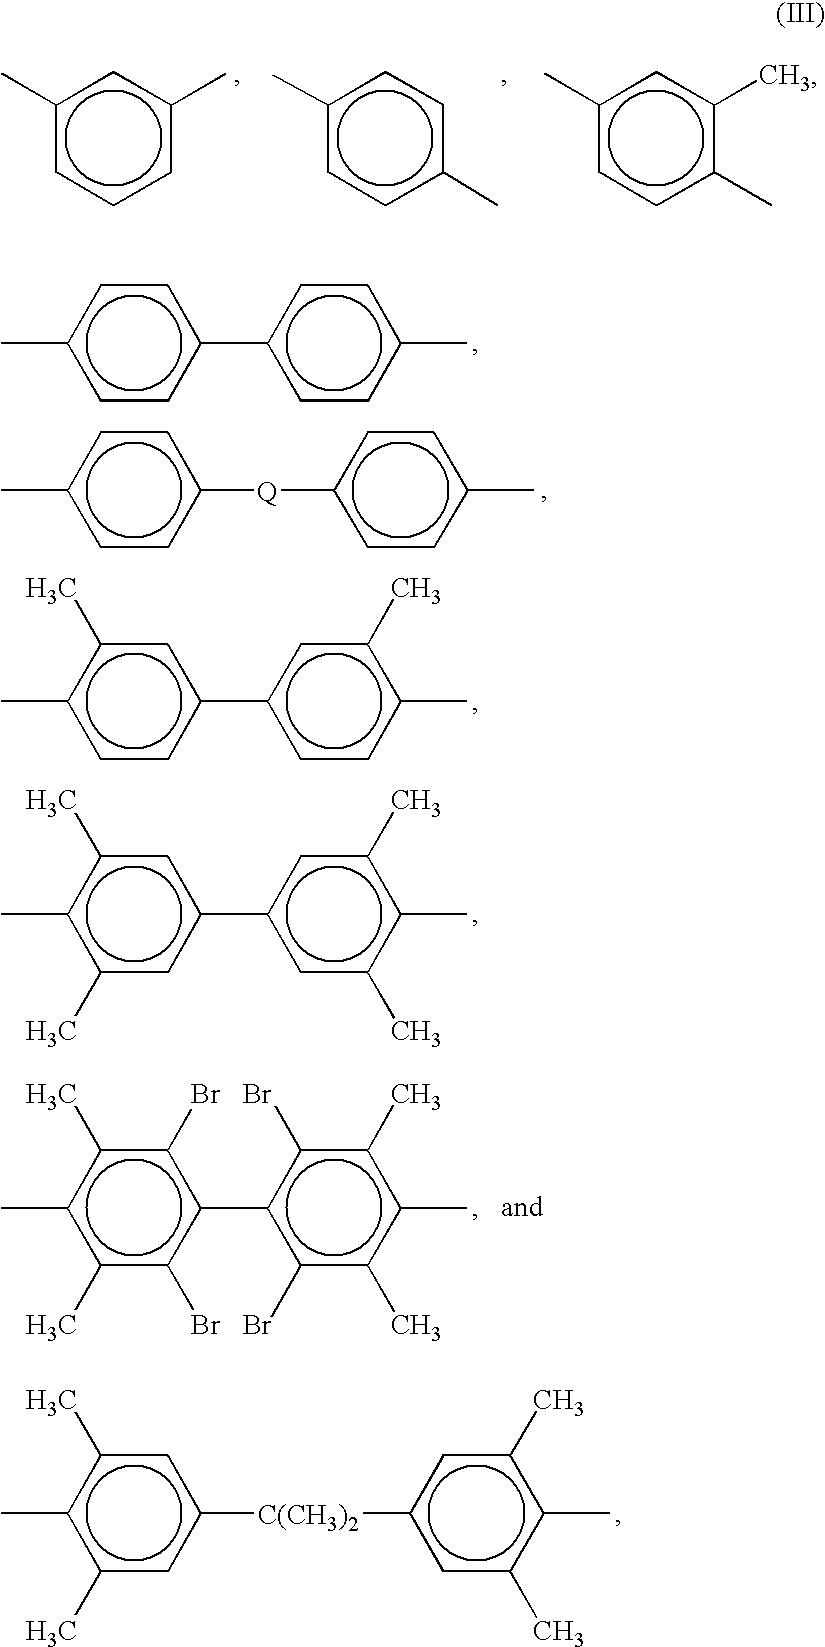 Figure US20080119616A1-20080522-C00003